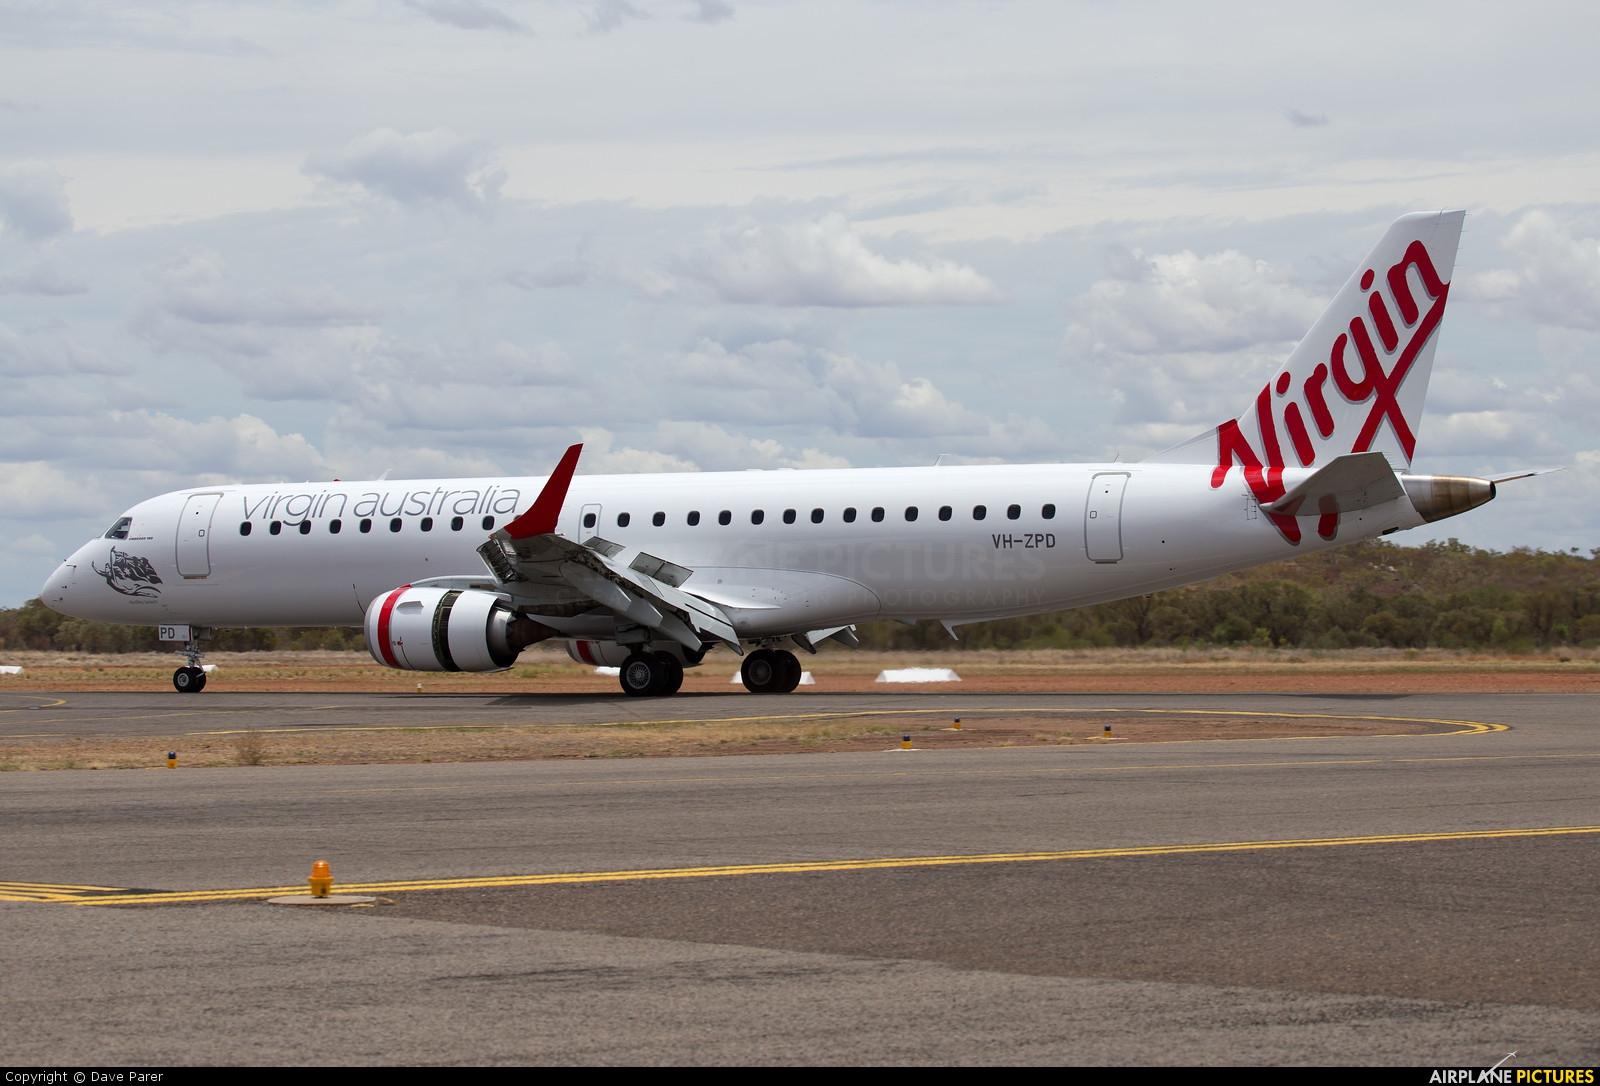 Virgin Australia VH-ZPD aircraft at Townsville